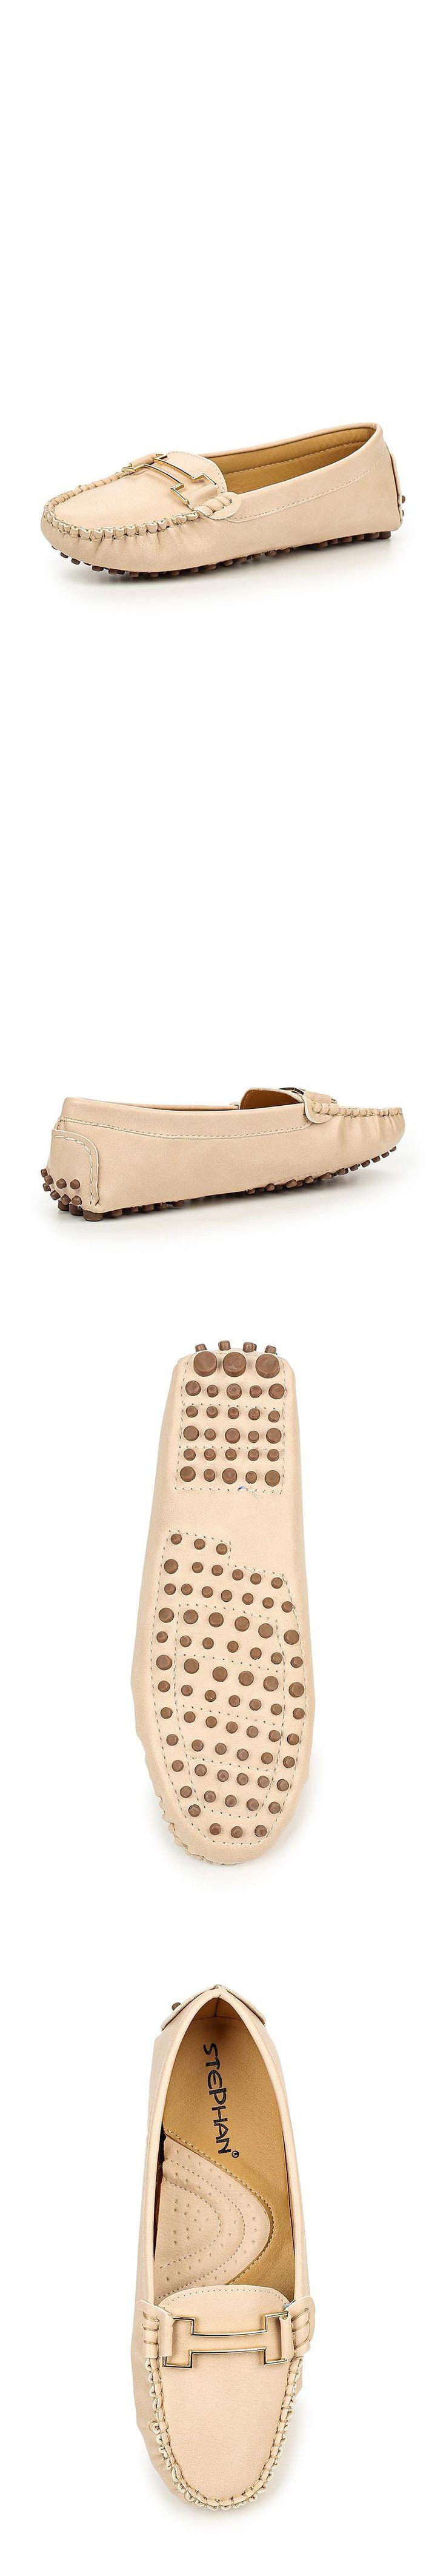 Женская обувь мокасины Stephan за 1740.00 руб.